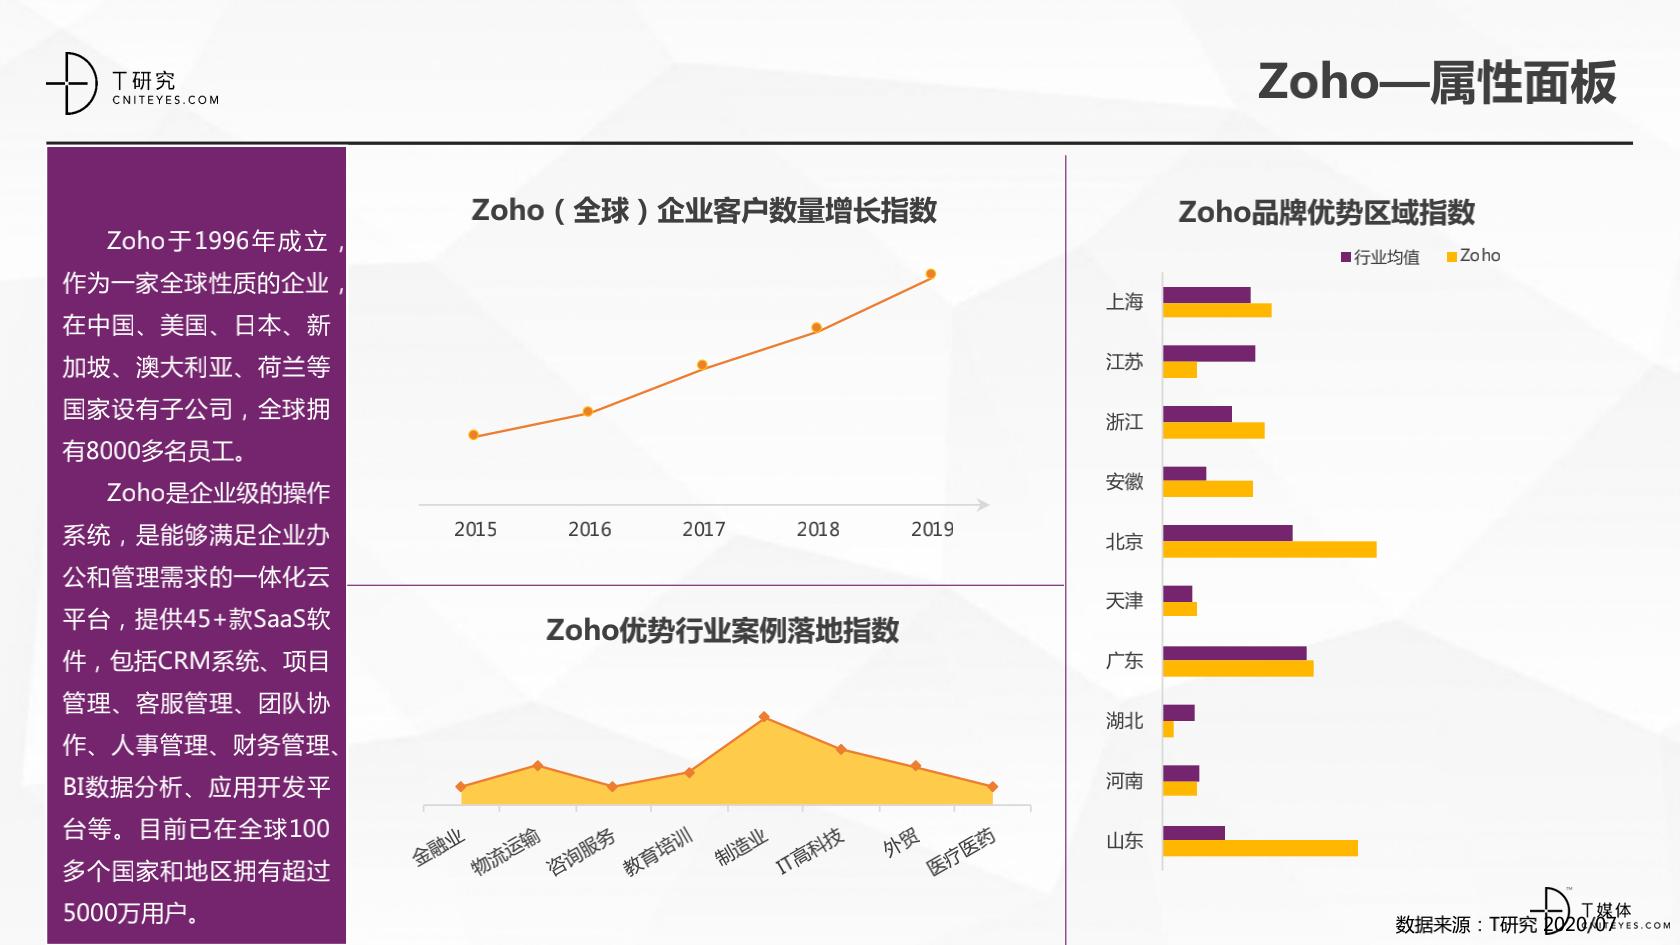 2_2020中国CRM指数测评报告v1.5_37.png